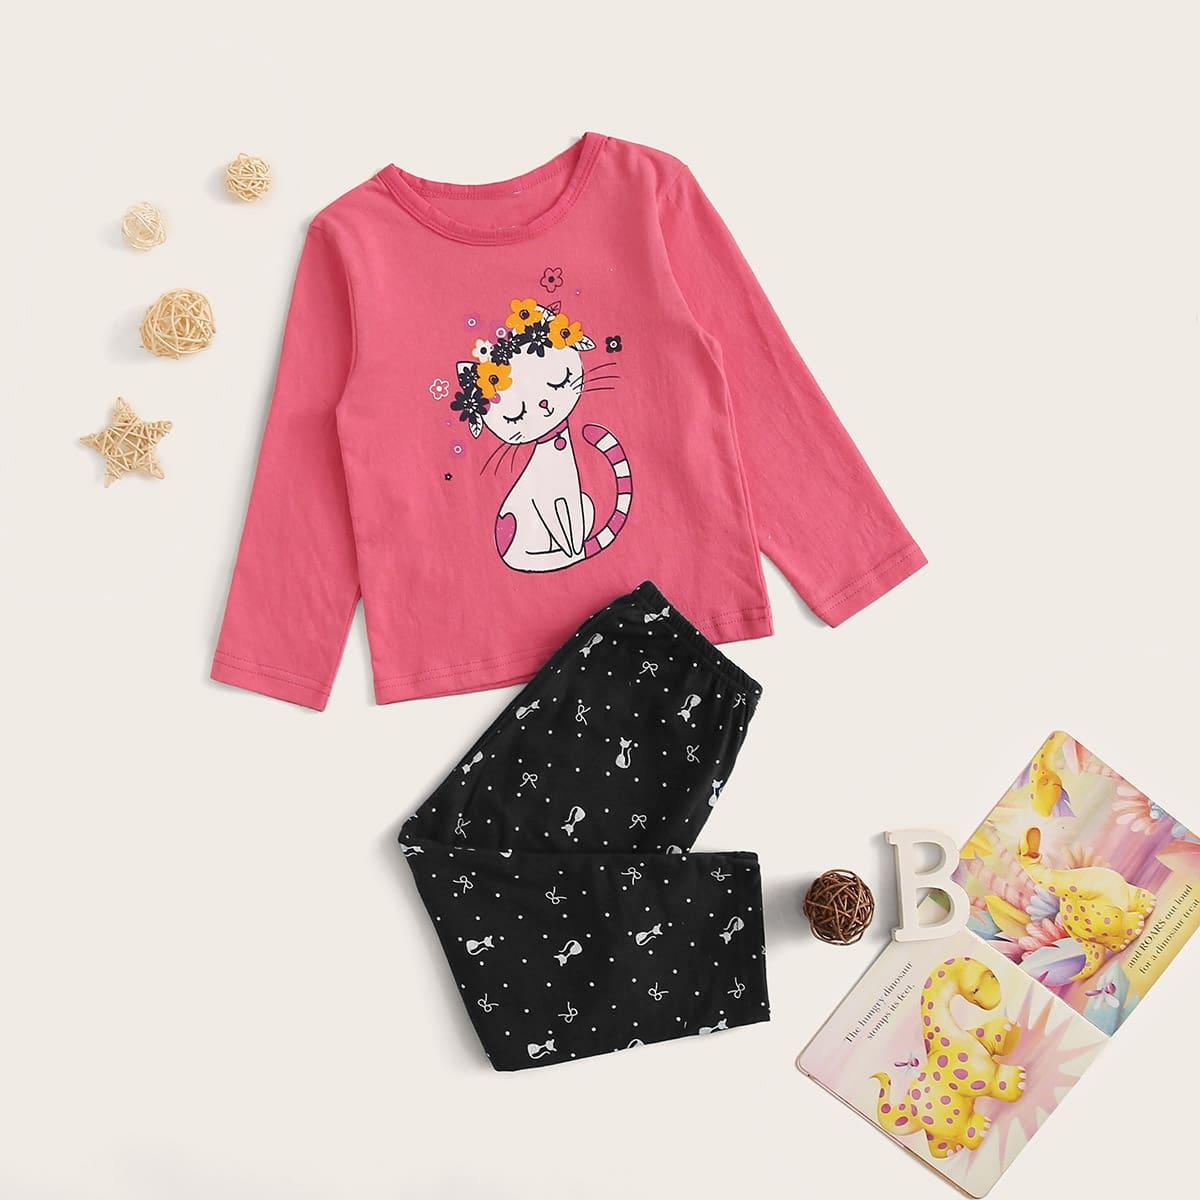 Пижама с мультяшным принтом для девочек от SHEIN